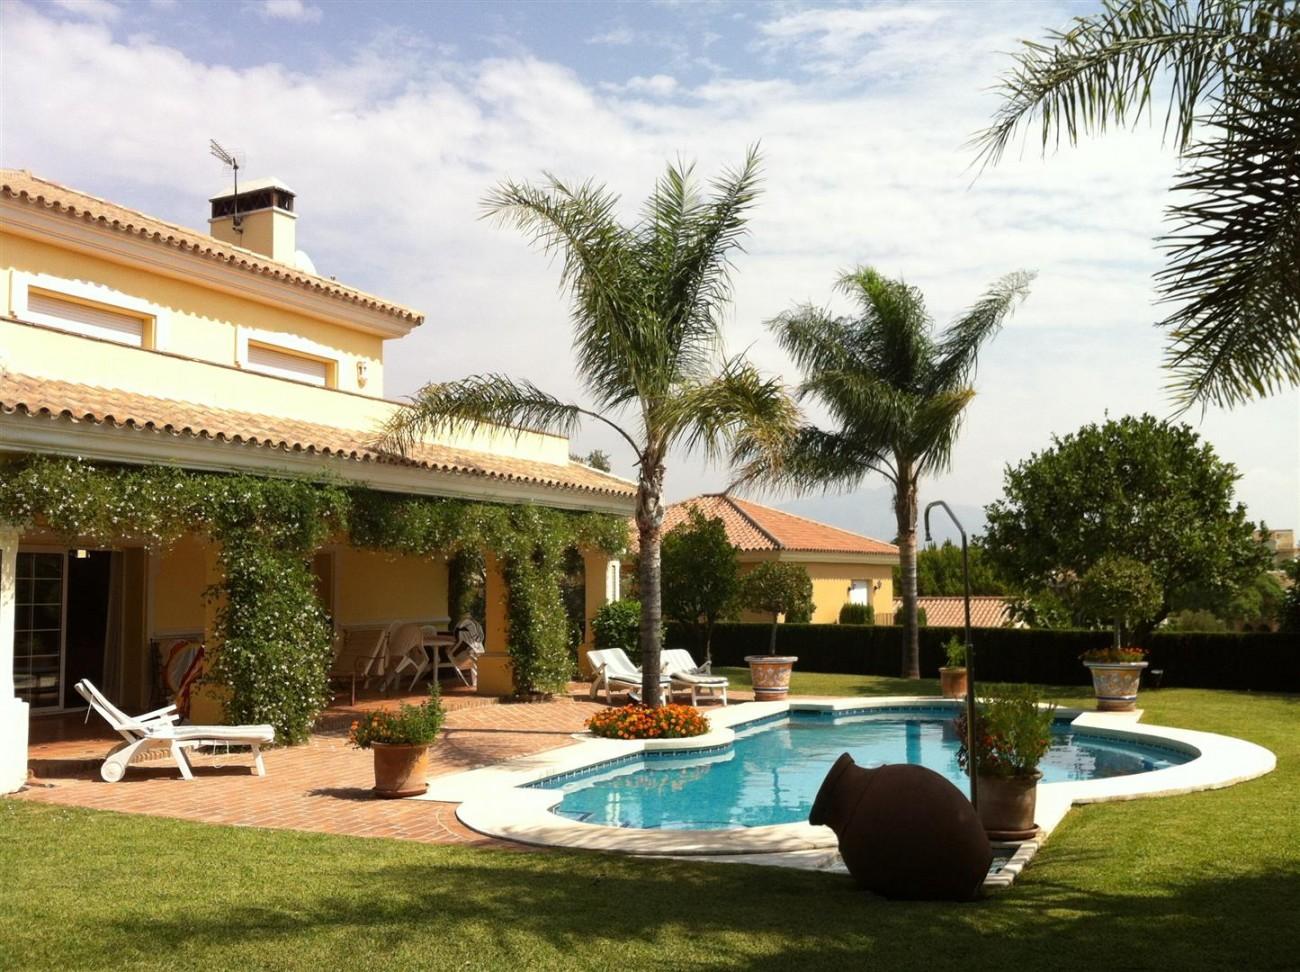 Villa for sale Estepona Malaga Spain (1) (Large)